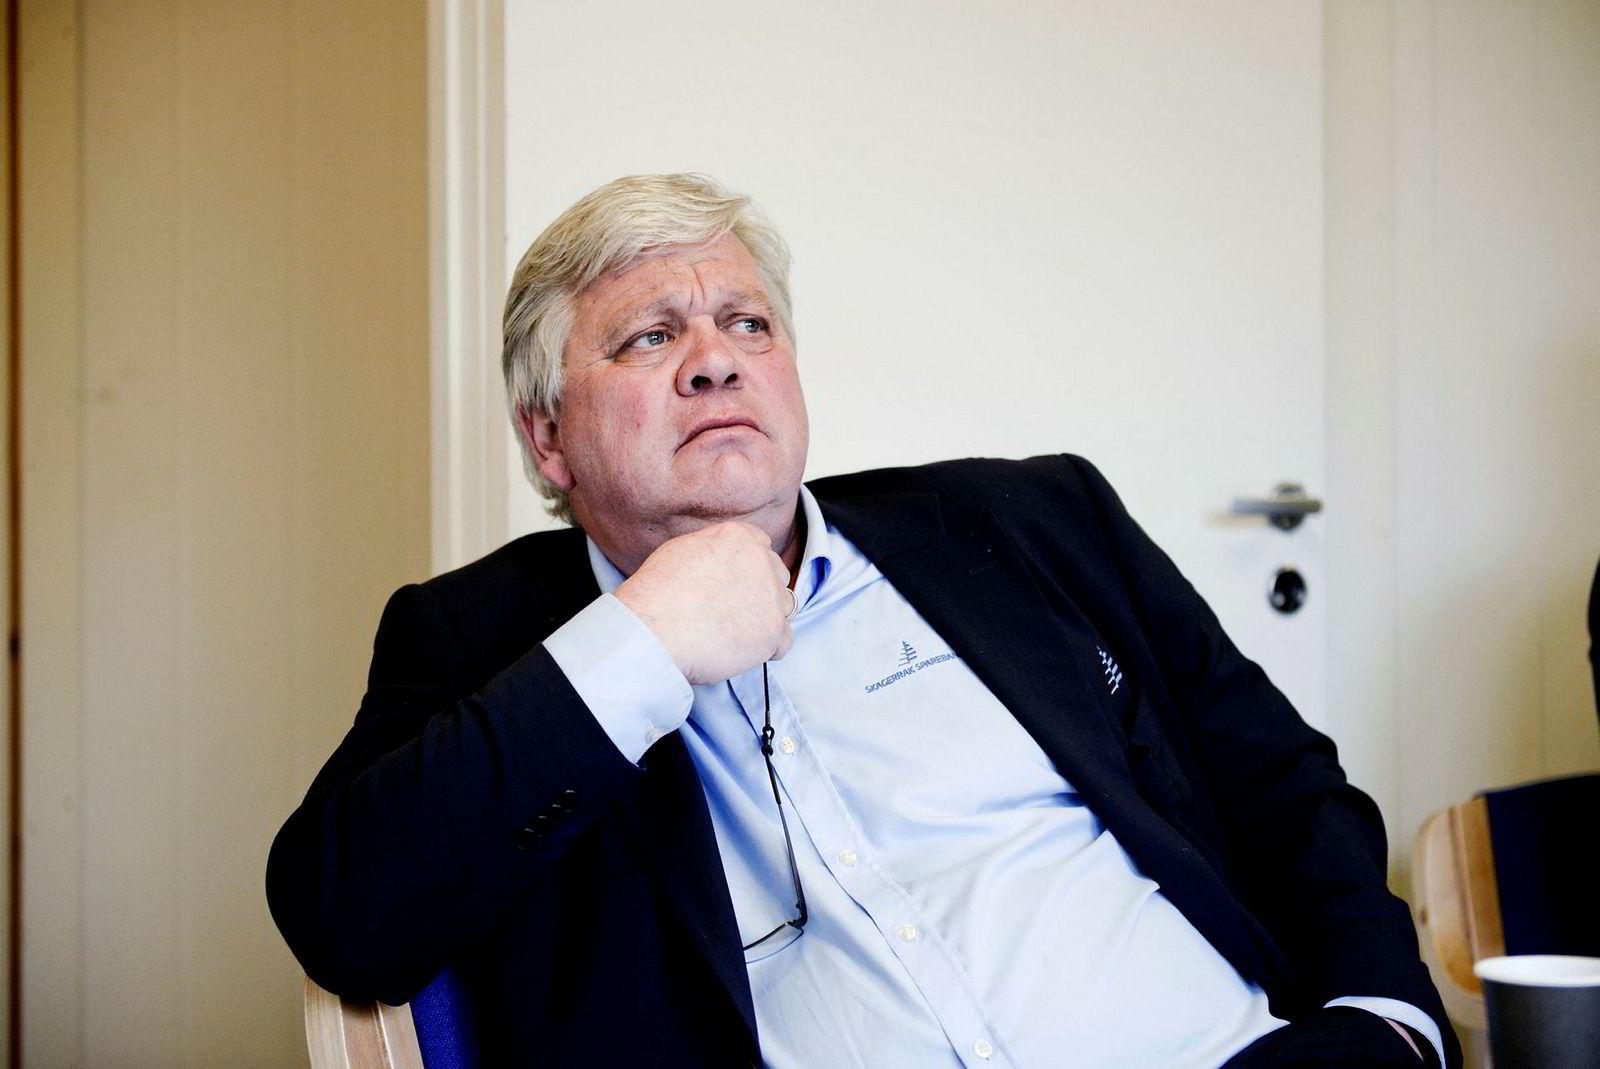 Banksjefen Jon Guste-Pedersen i Skagerrak Sparebank er ikke enig i at banken ville sluppet billigere unna dersom den hadde solgt subsea-bedriften Vestmar til gründeren Bjørn Rygg. – Det blir bare spekulasjoner, mener han.